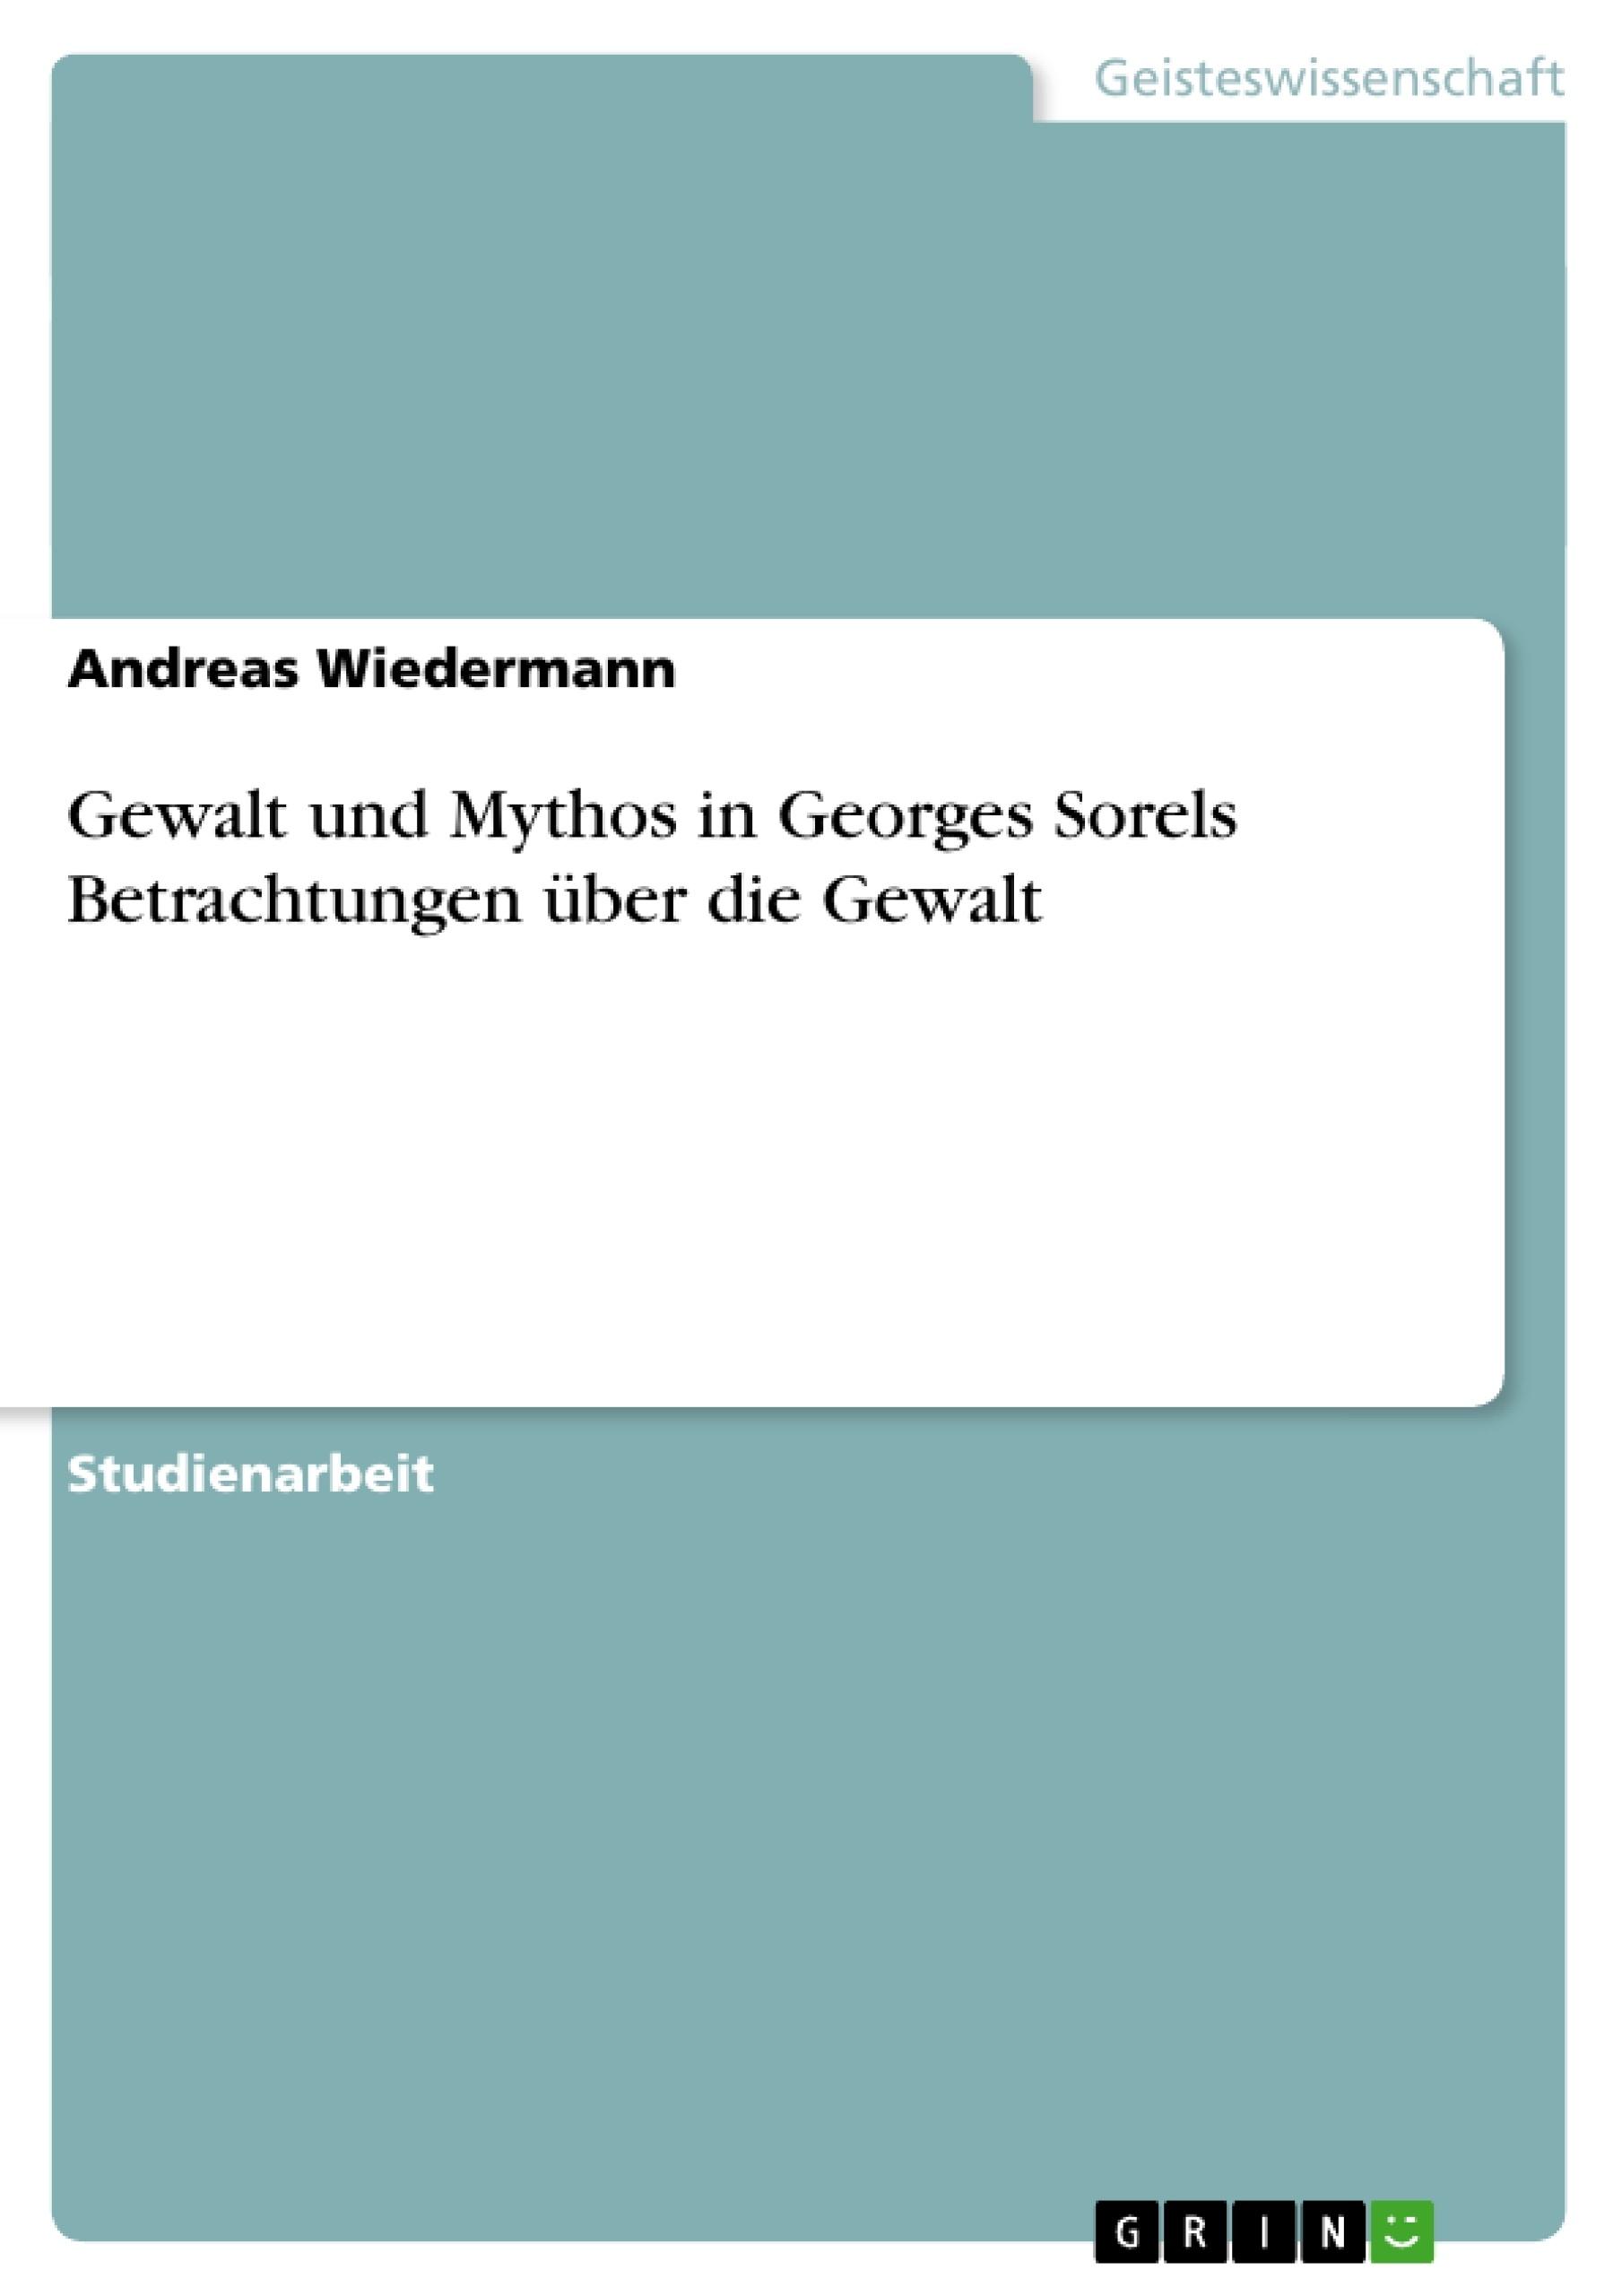 Titel: Gewalt und Mythos in Georges Sorels Betrachtungen über die Gewalt